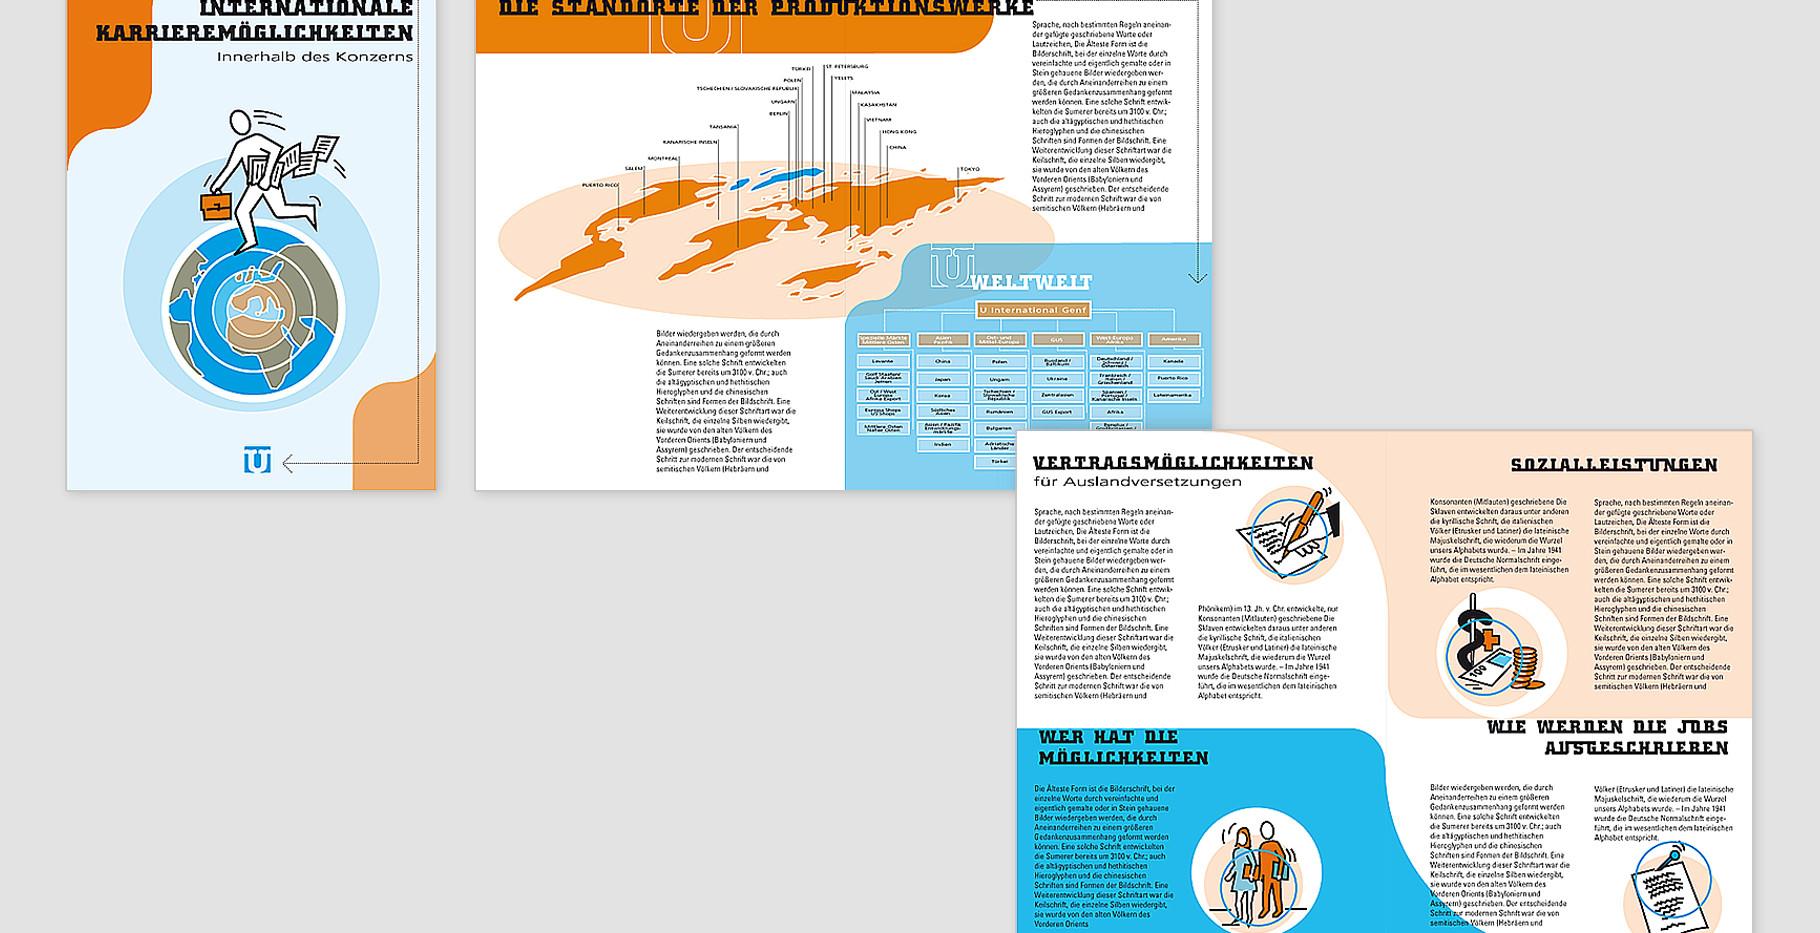 Entwurf eine  Broschüre zum Thema: Internationale Karrieremöglichkeiten